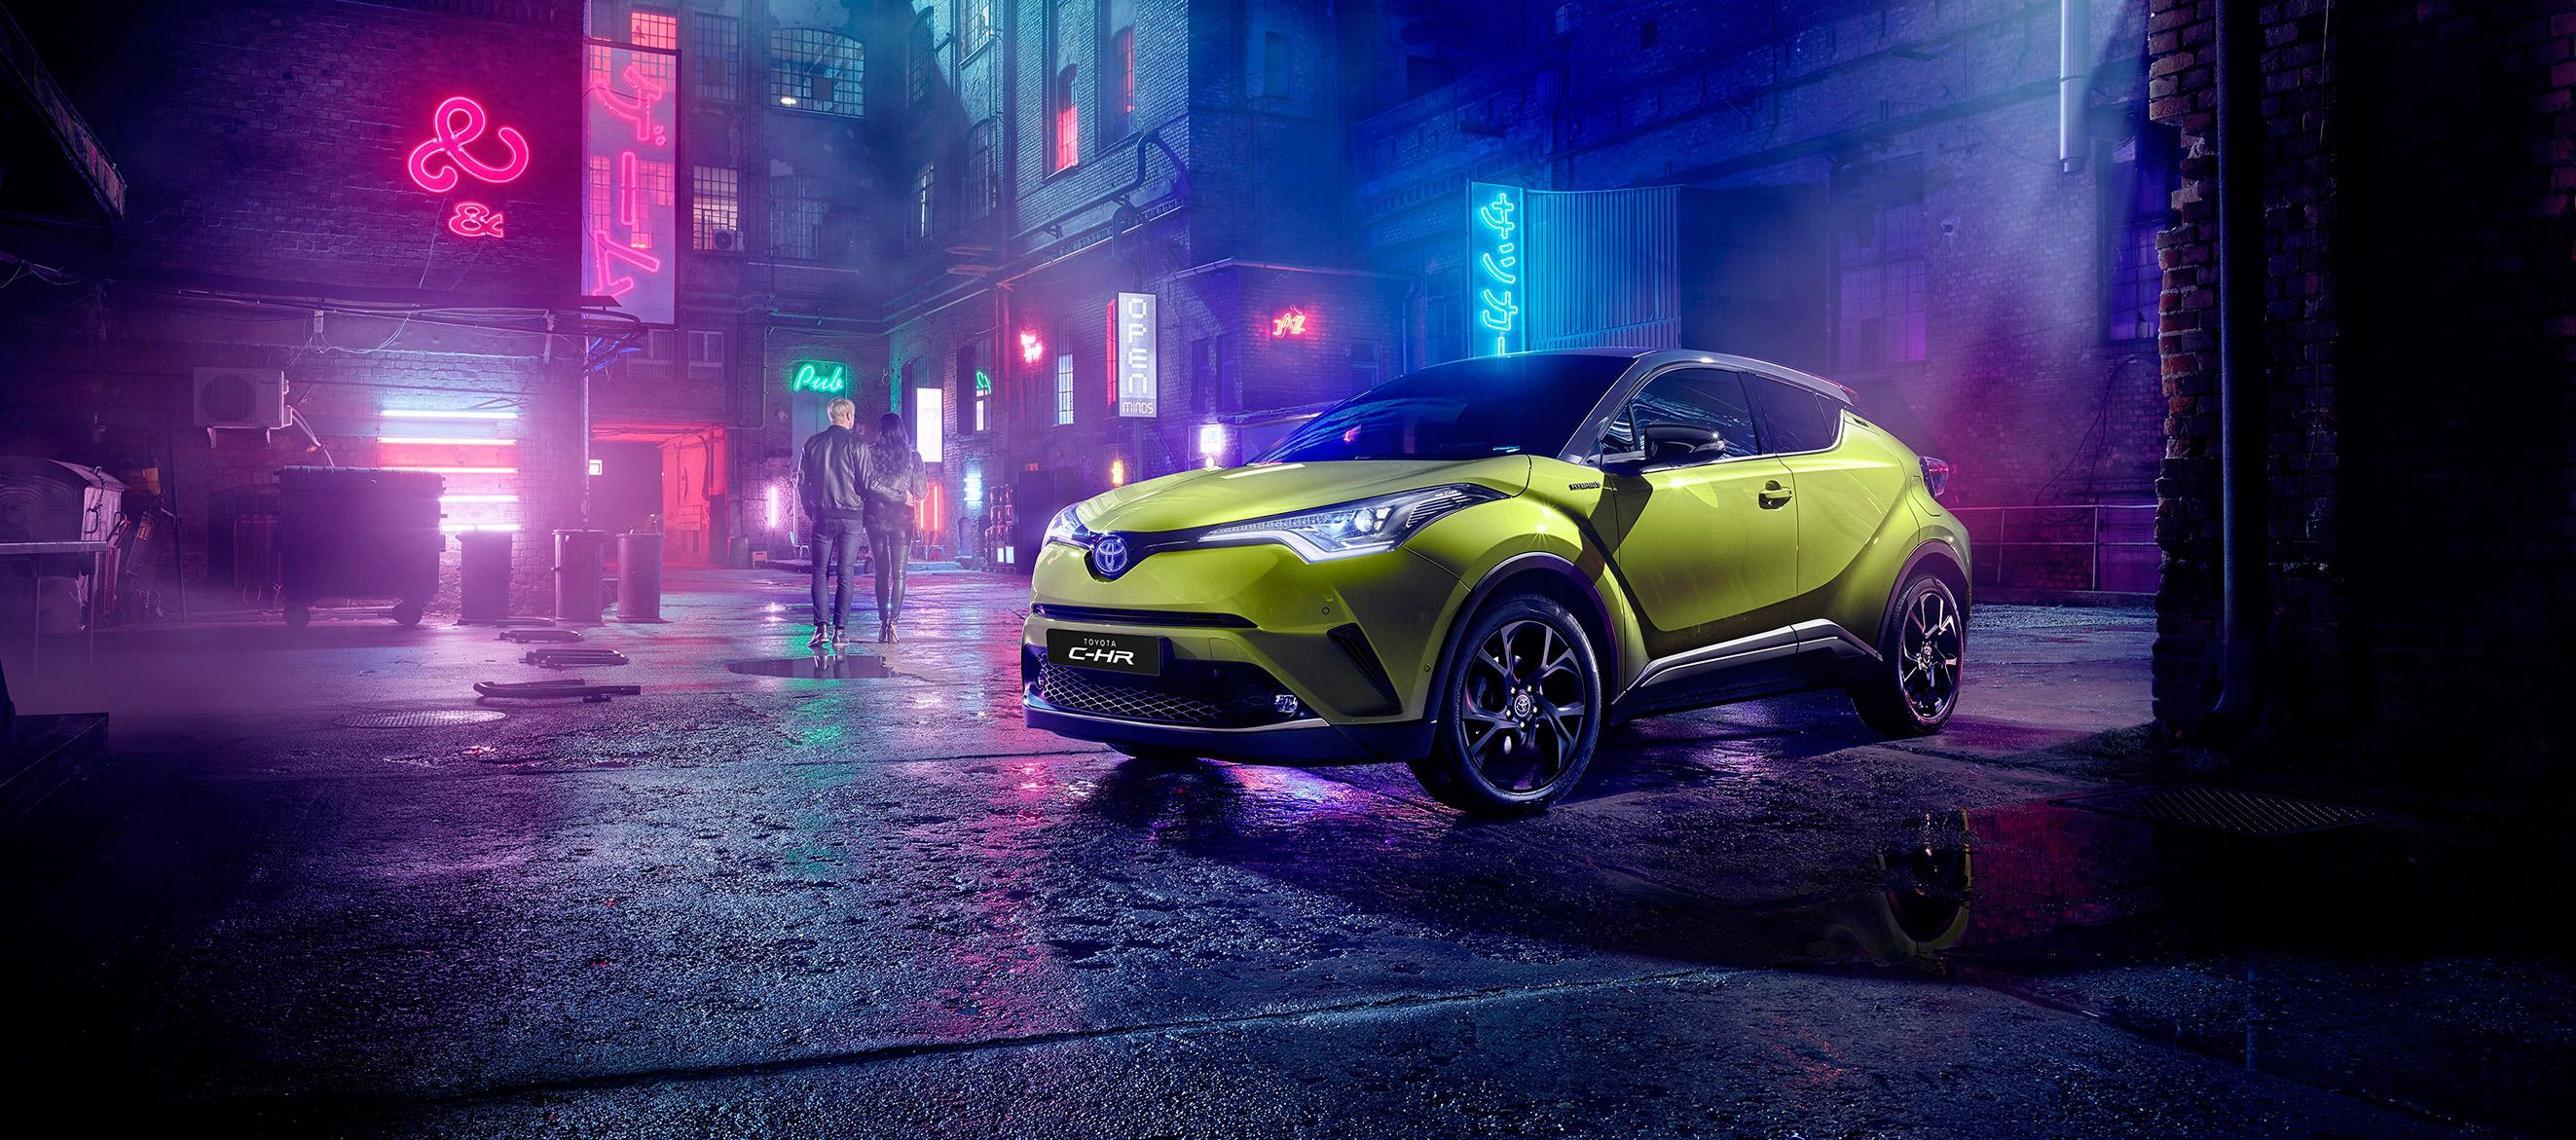 Toyota España lanza el C-HR Amarillo Wasabi